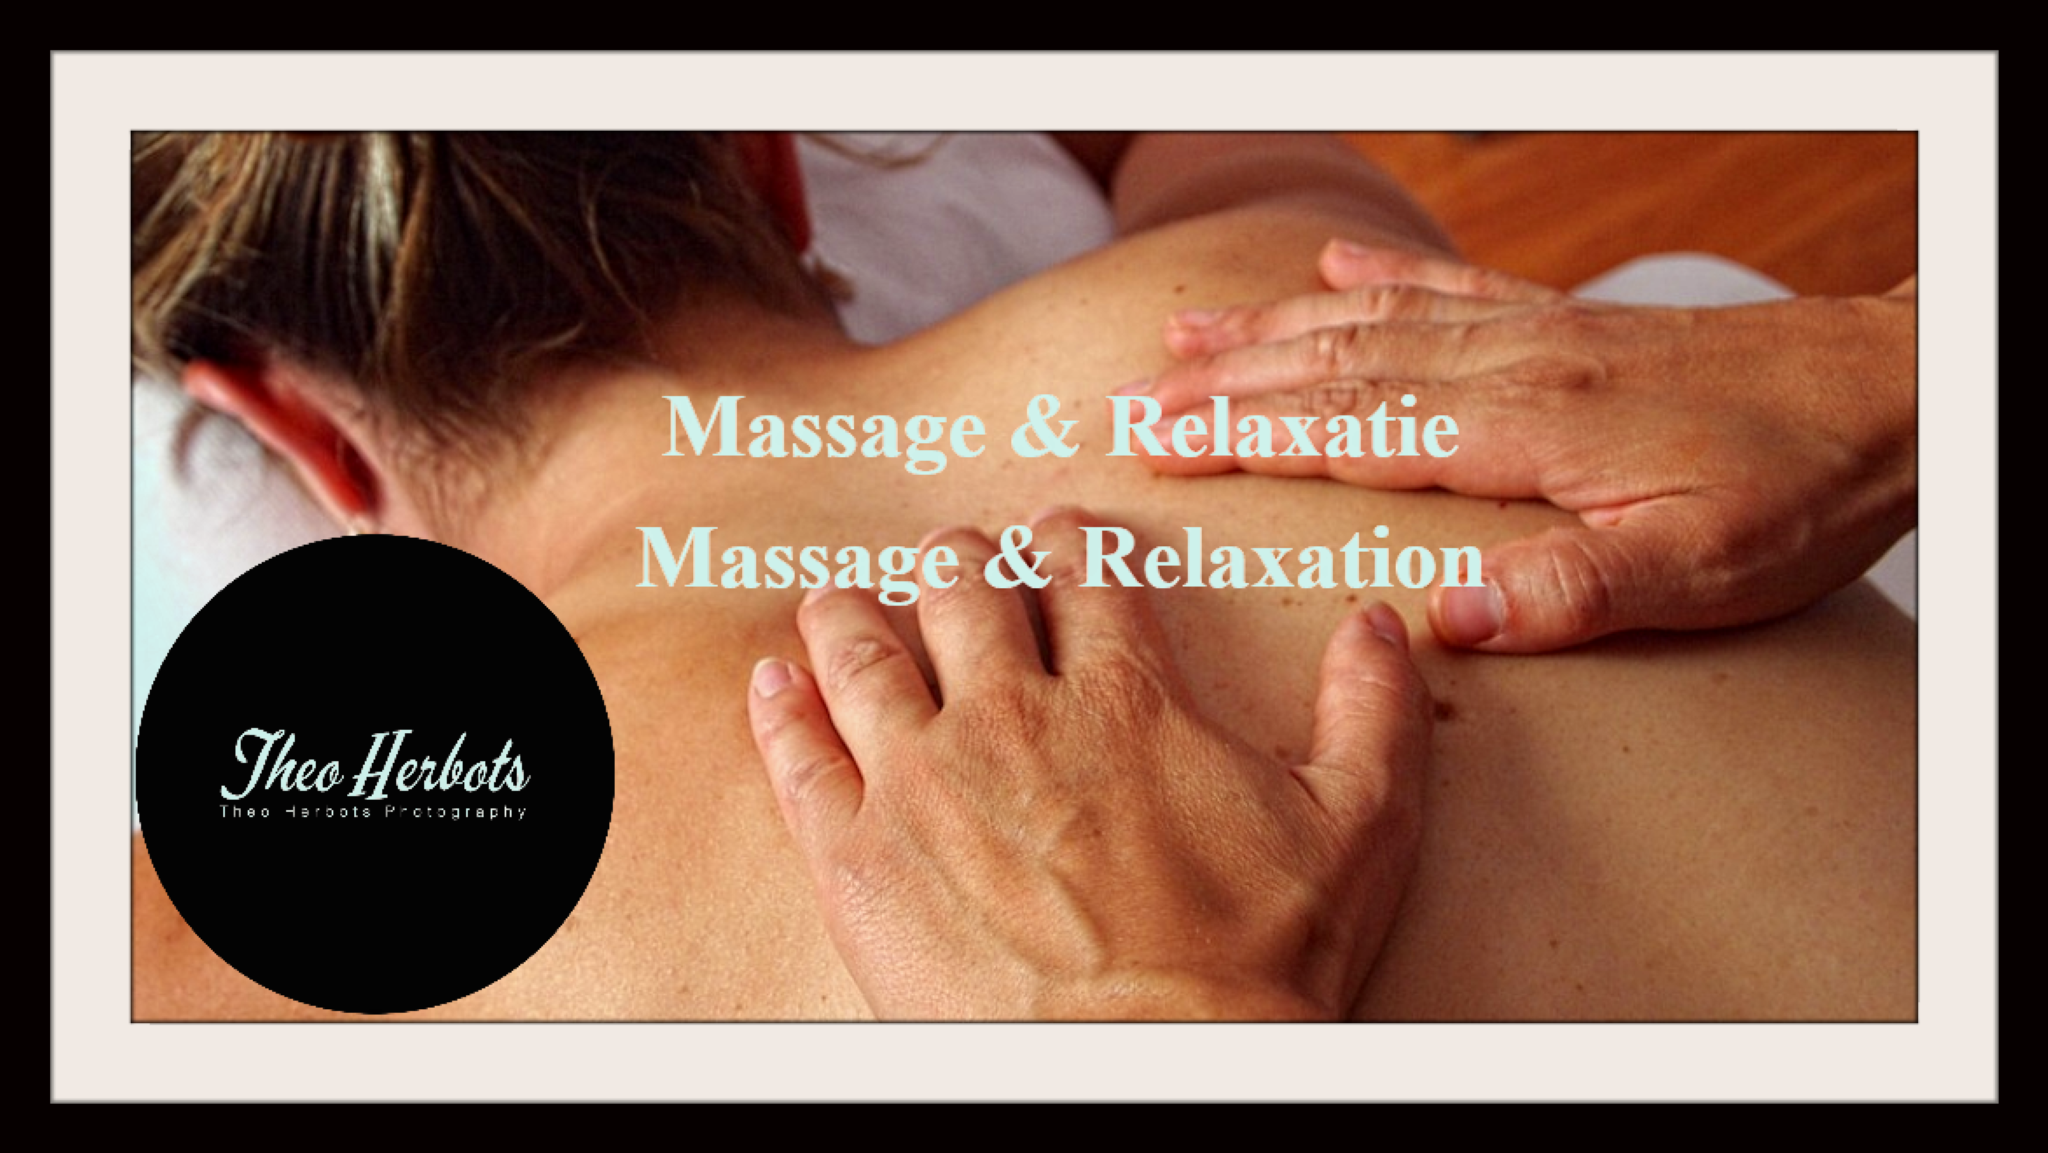 Theo-Herbots-Relaxatie en Massage